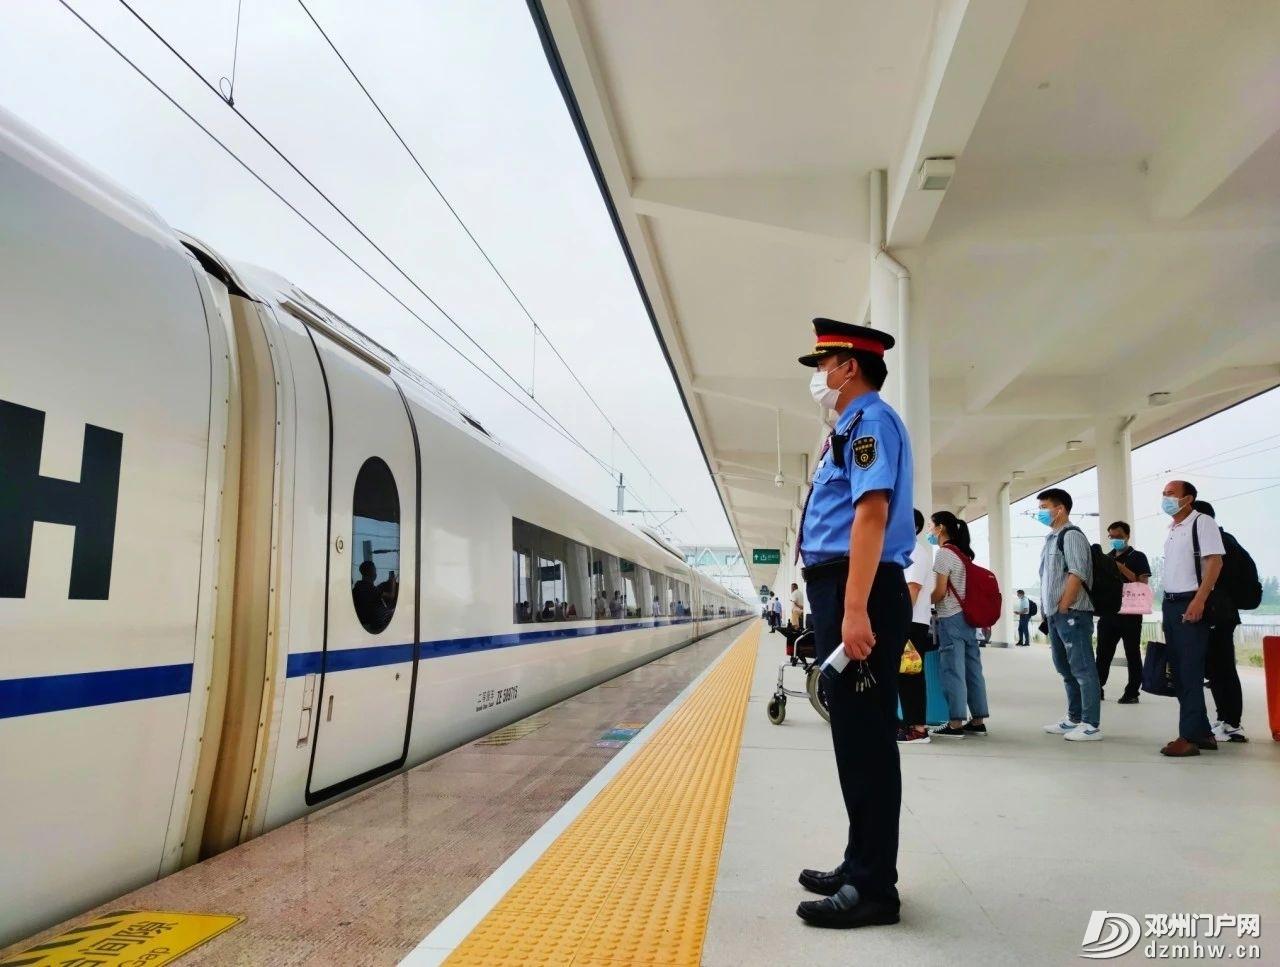 紧急通知!邓州火车票临时调整预售期,调整时间为... - 邓州门户网|邓州网 - 81b6b7f0fa5dc164824935b193c5fcbe.jpg